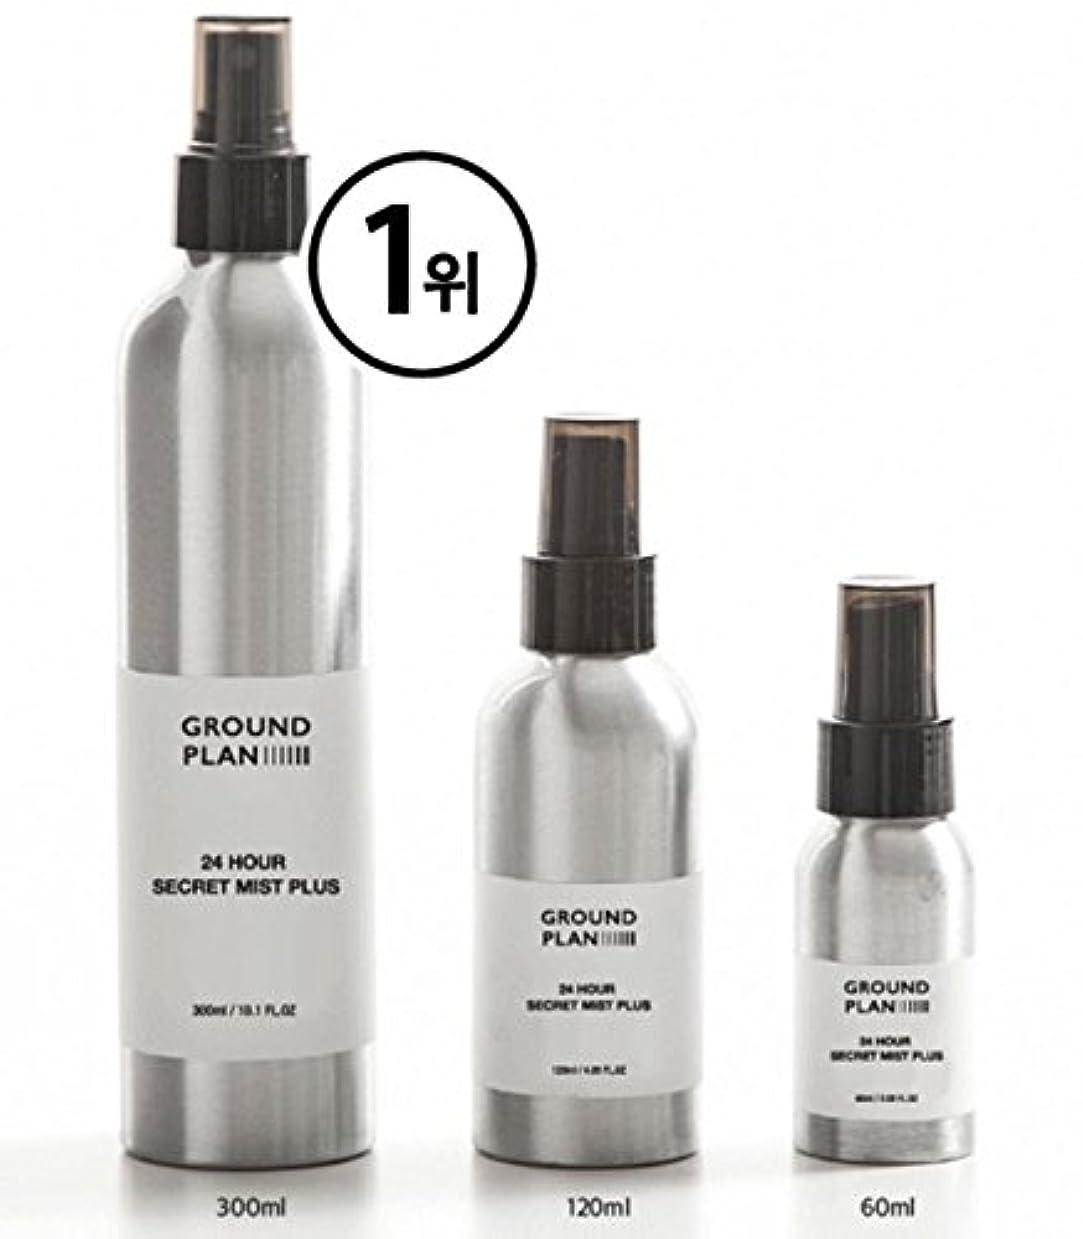 驚快適意味のある[グラウンド?プラン] 24Hour 秘密 スキンミスト Plus (120ml) (300ml) Ground plan 24 Hour Secret Skin Mist Plus [海外直送品] (300ml)